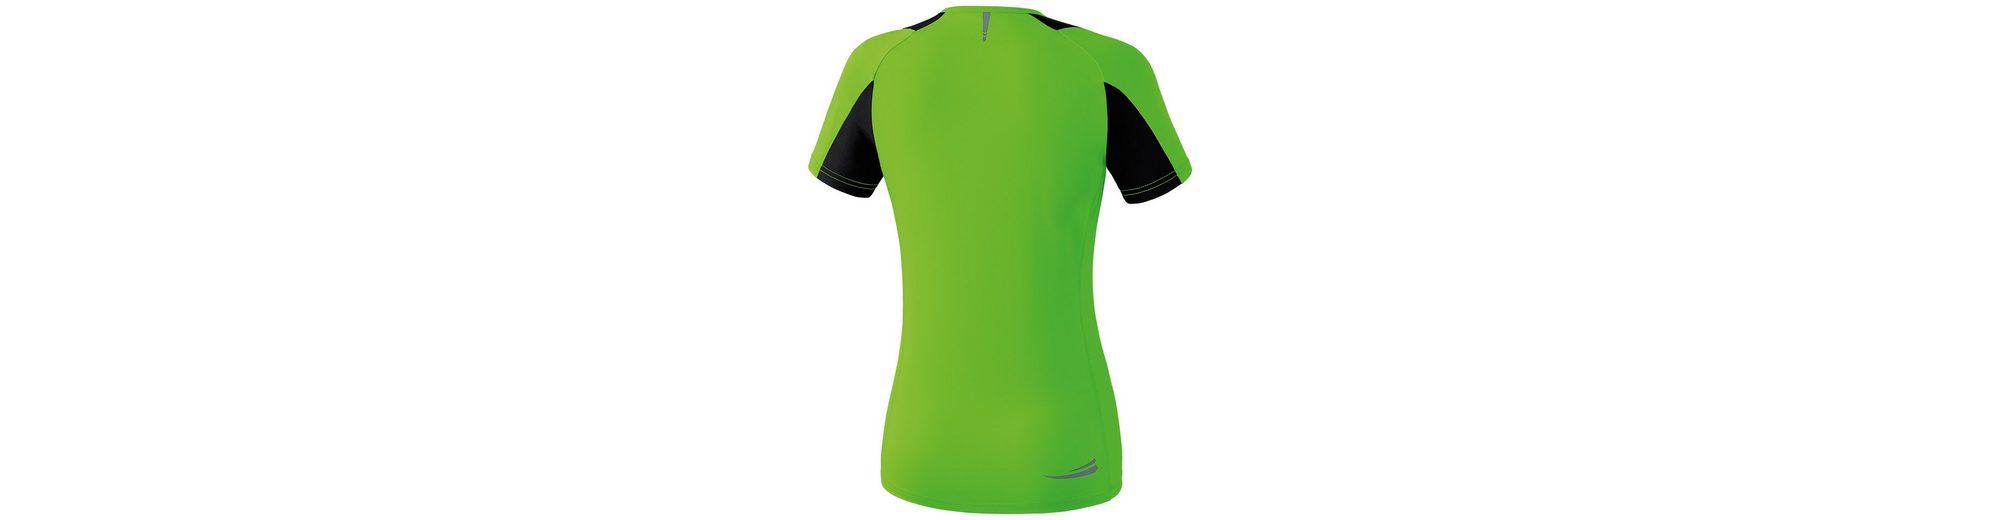 Um Online Kaufen Angebote Zum Verkauf ERIMA Race Line Running T-Shirt Damen 2018 Neueste Preiswerte Online cAu84MV4T